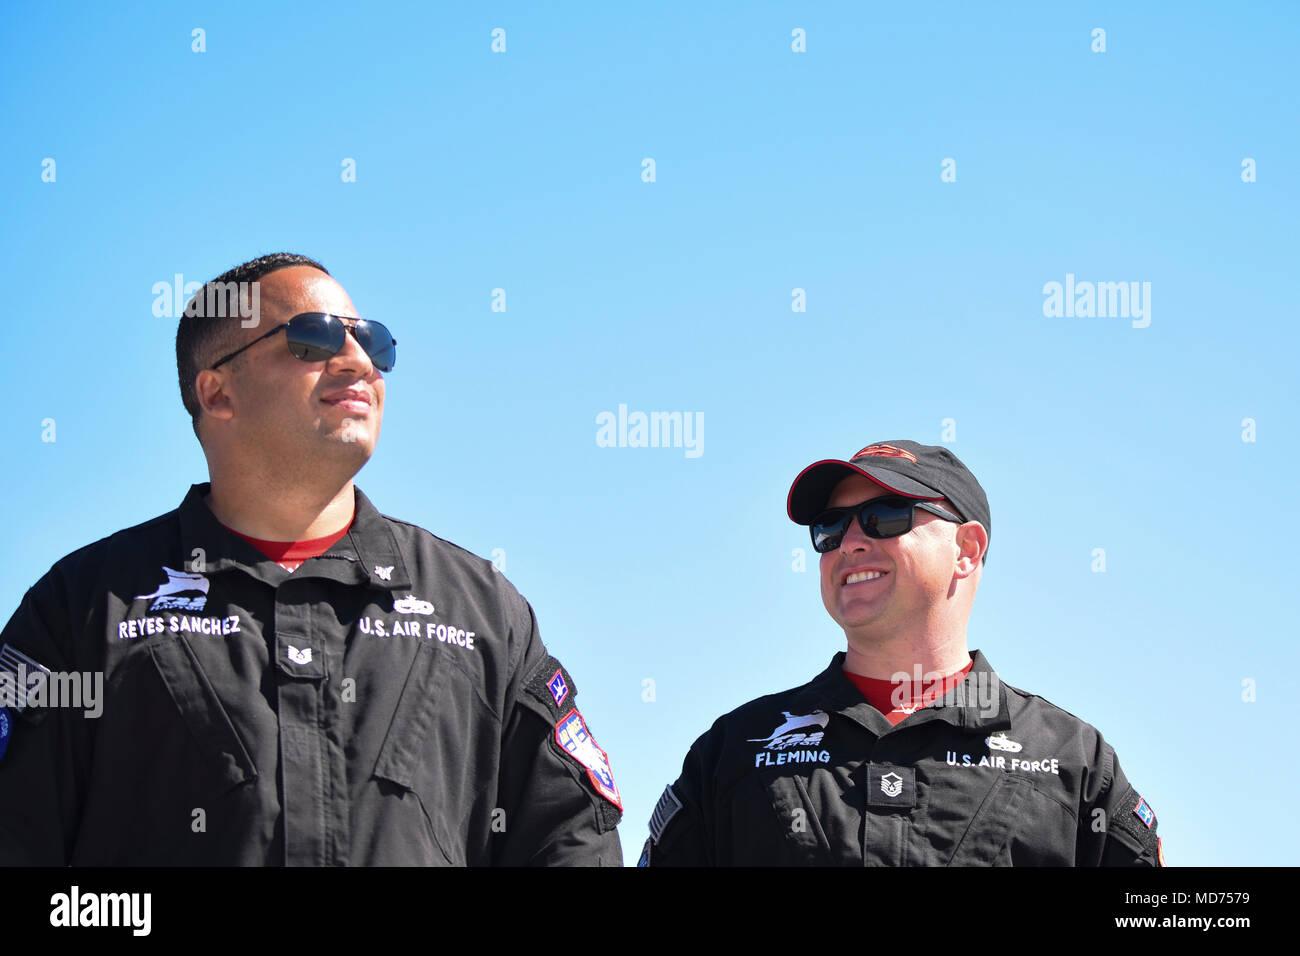 De gauche, U.S. Air Force Tech. Le Sgt. Reyes-Sanchez Yamil et Master Sgt. Jamie Fleming, F-22 Raptor et chef de l'équipe de l'équipe de démonstration de gestion respectivement, regarder le F-22 Raptor son rendement au cours de la 2018 Yuma Airshow hébergé par Marine Corps Air Station Yuma (Arizona), le 17 mars 2018. L'équipe se rendra à Santiago du Chili et de l'Alberta, Canada cette saison. (U.S. Photo de l'Armée de l'air par la Haute Airman Kaylee Dubois) Photo Stock